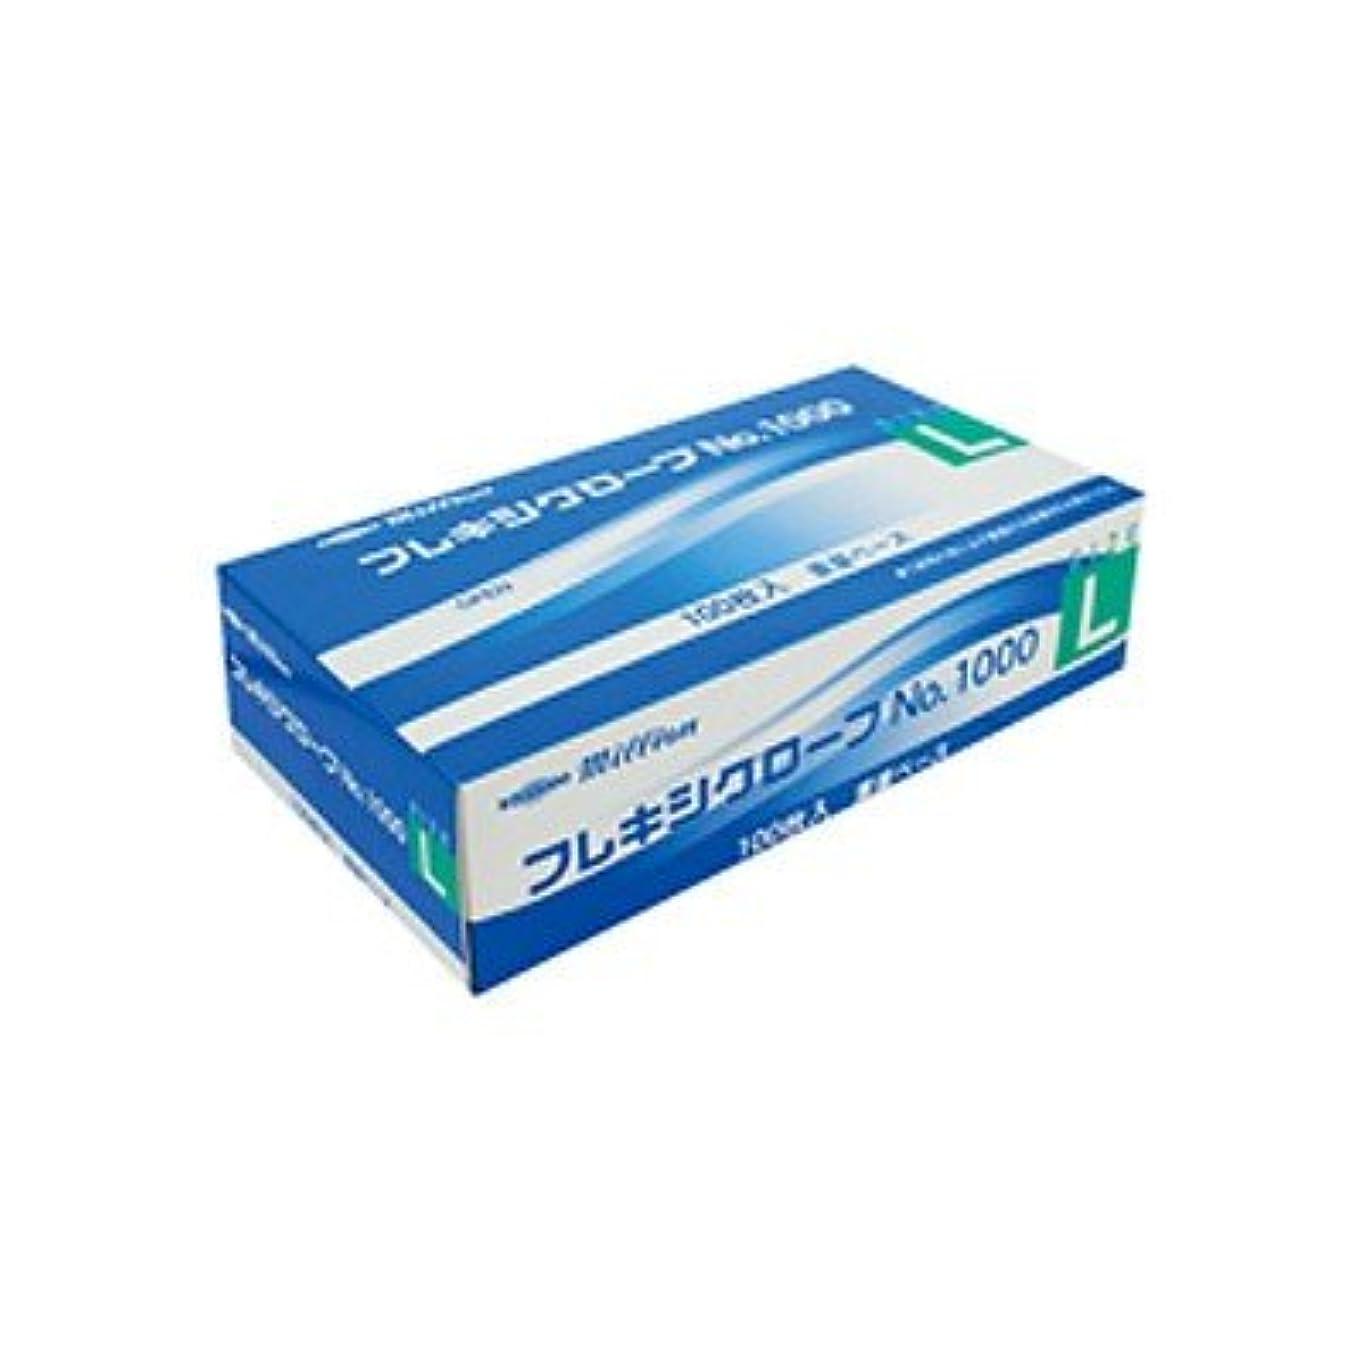 ポール剥離降伏ミリオン プラスチック手袋 粉付No.1000 L 品番:LH-1000-L 注文番号:62741538 メーカー:共和